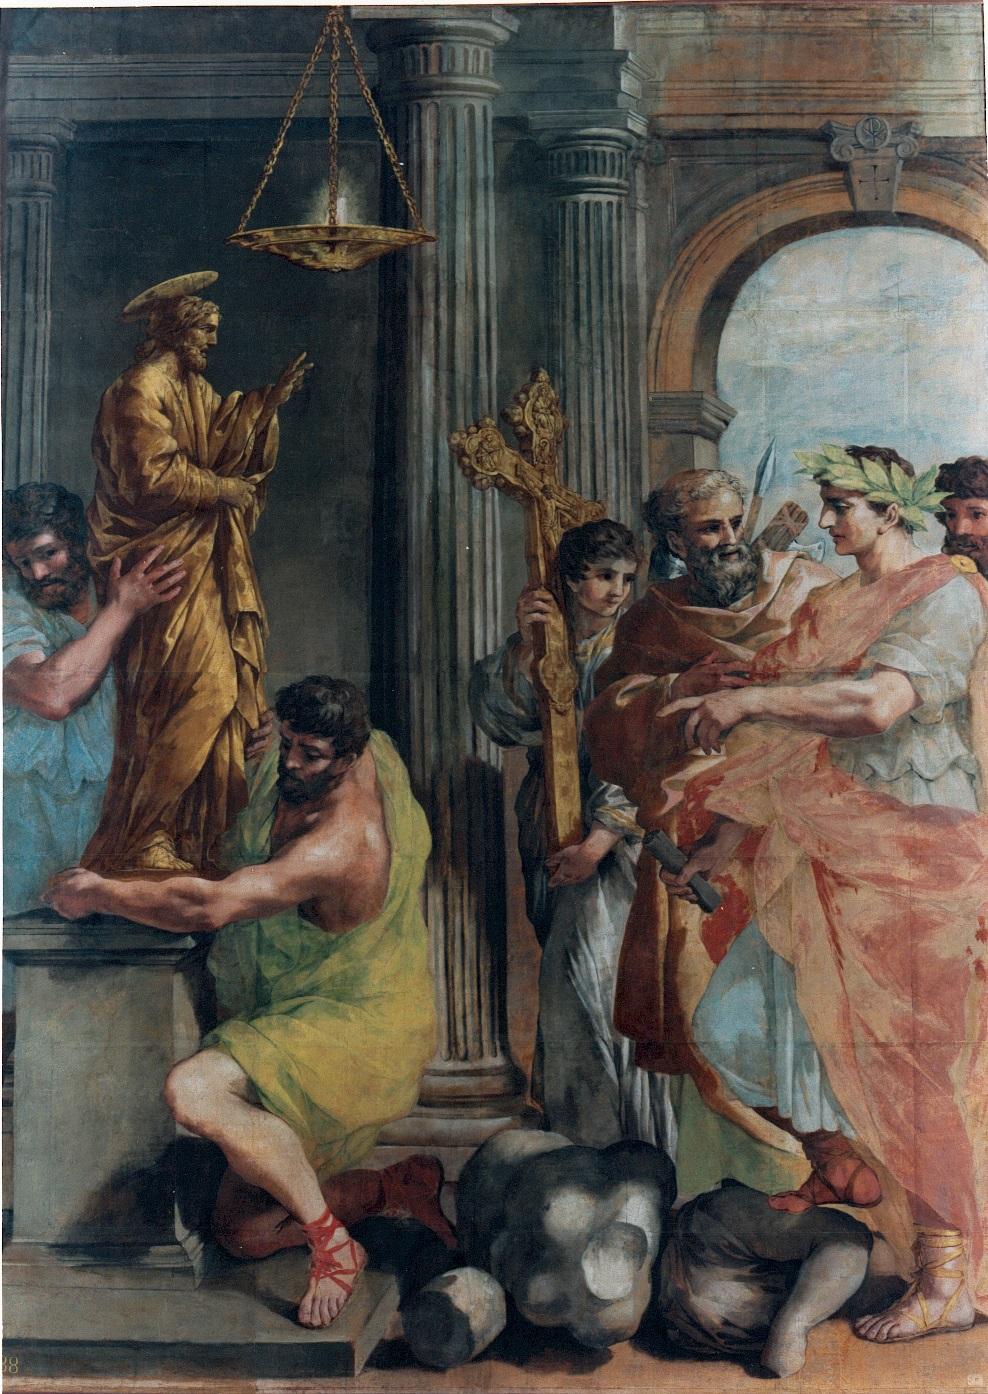 Glorie di carta. I fasti della storica arazzeria Barberini rivivono a Roma